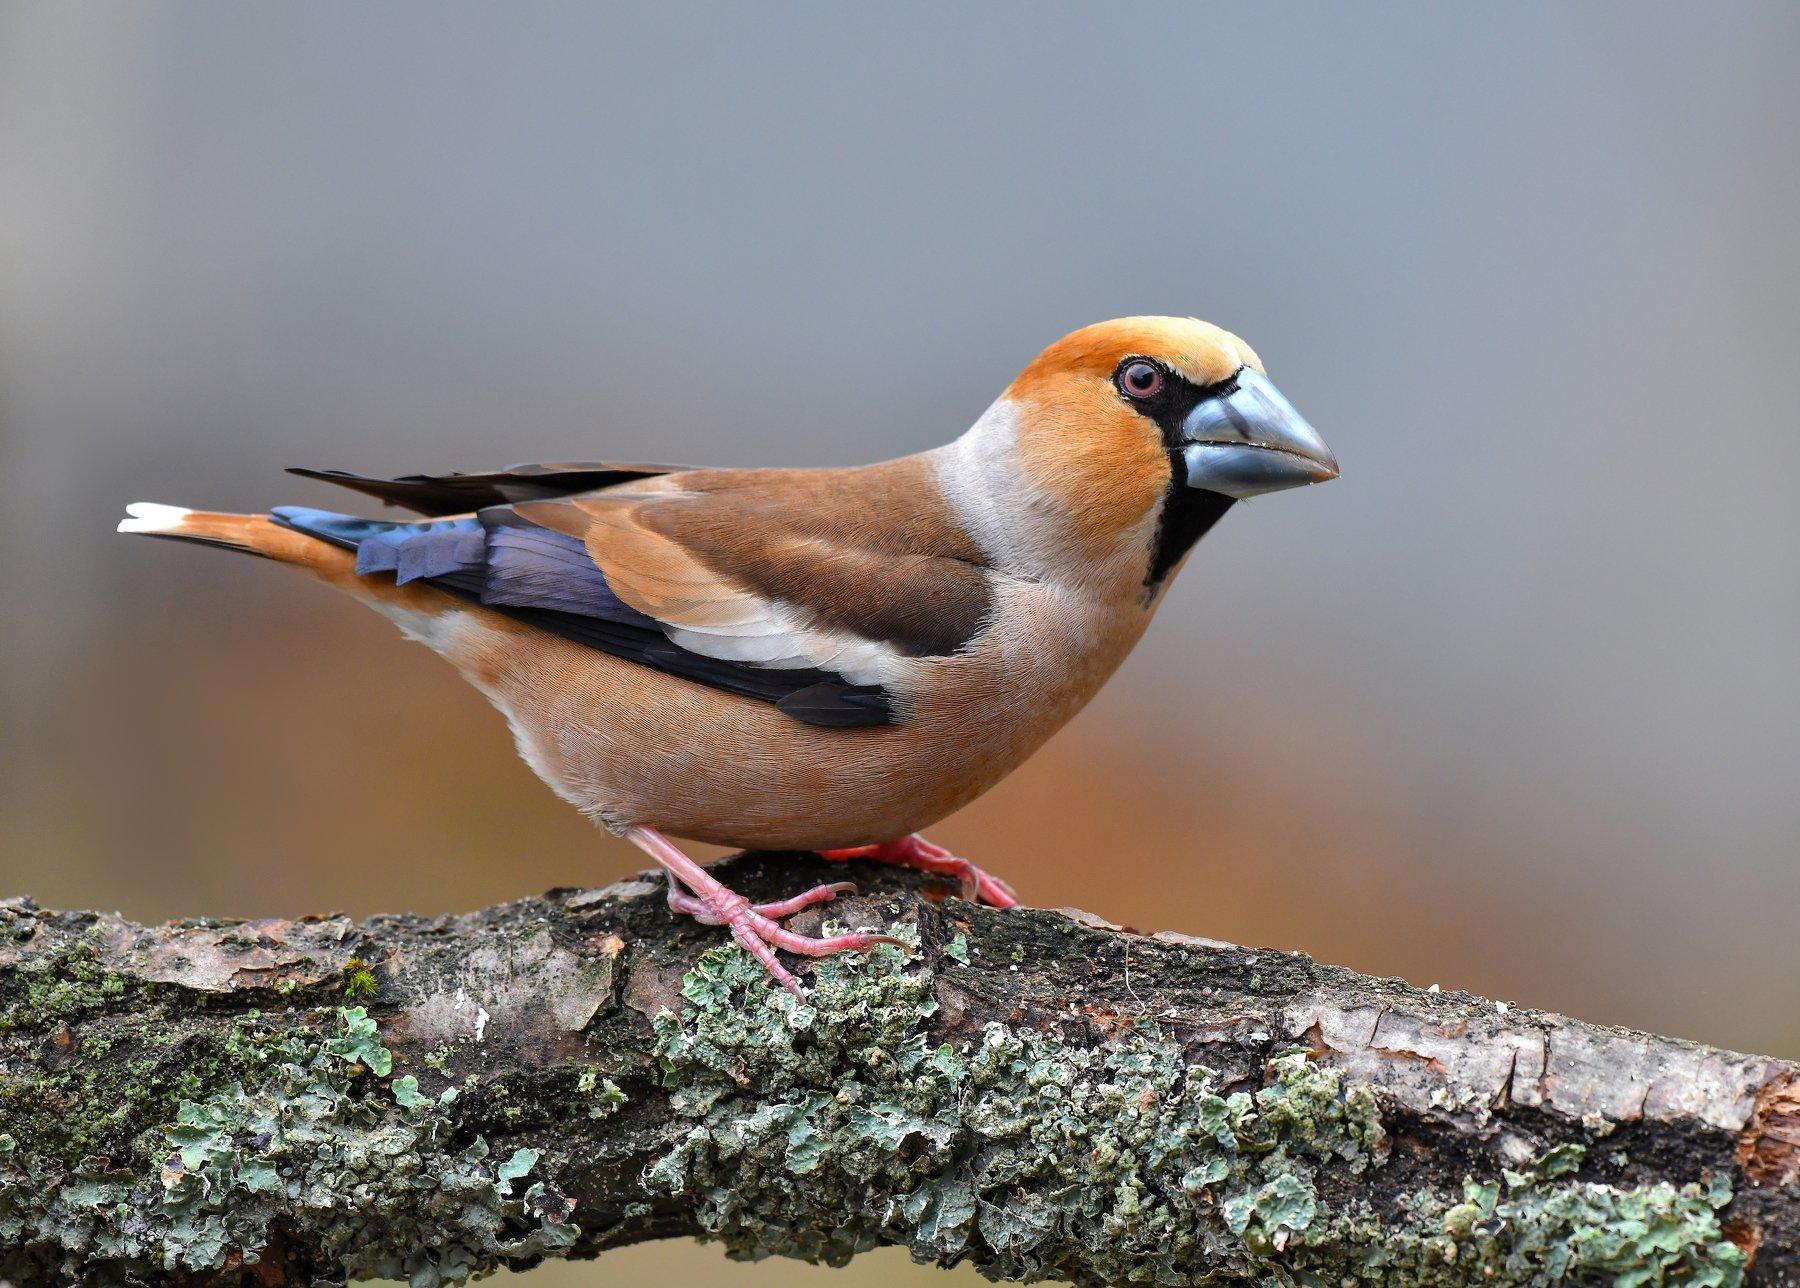 птицы,природа,весна, Киселёв Андрей